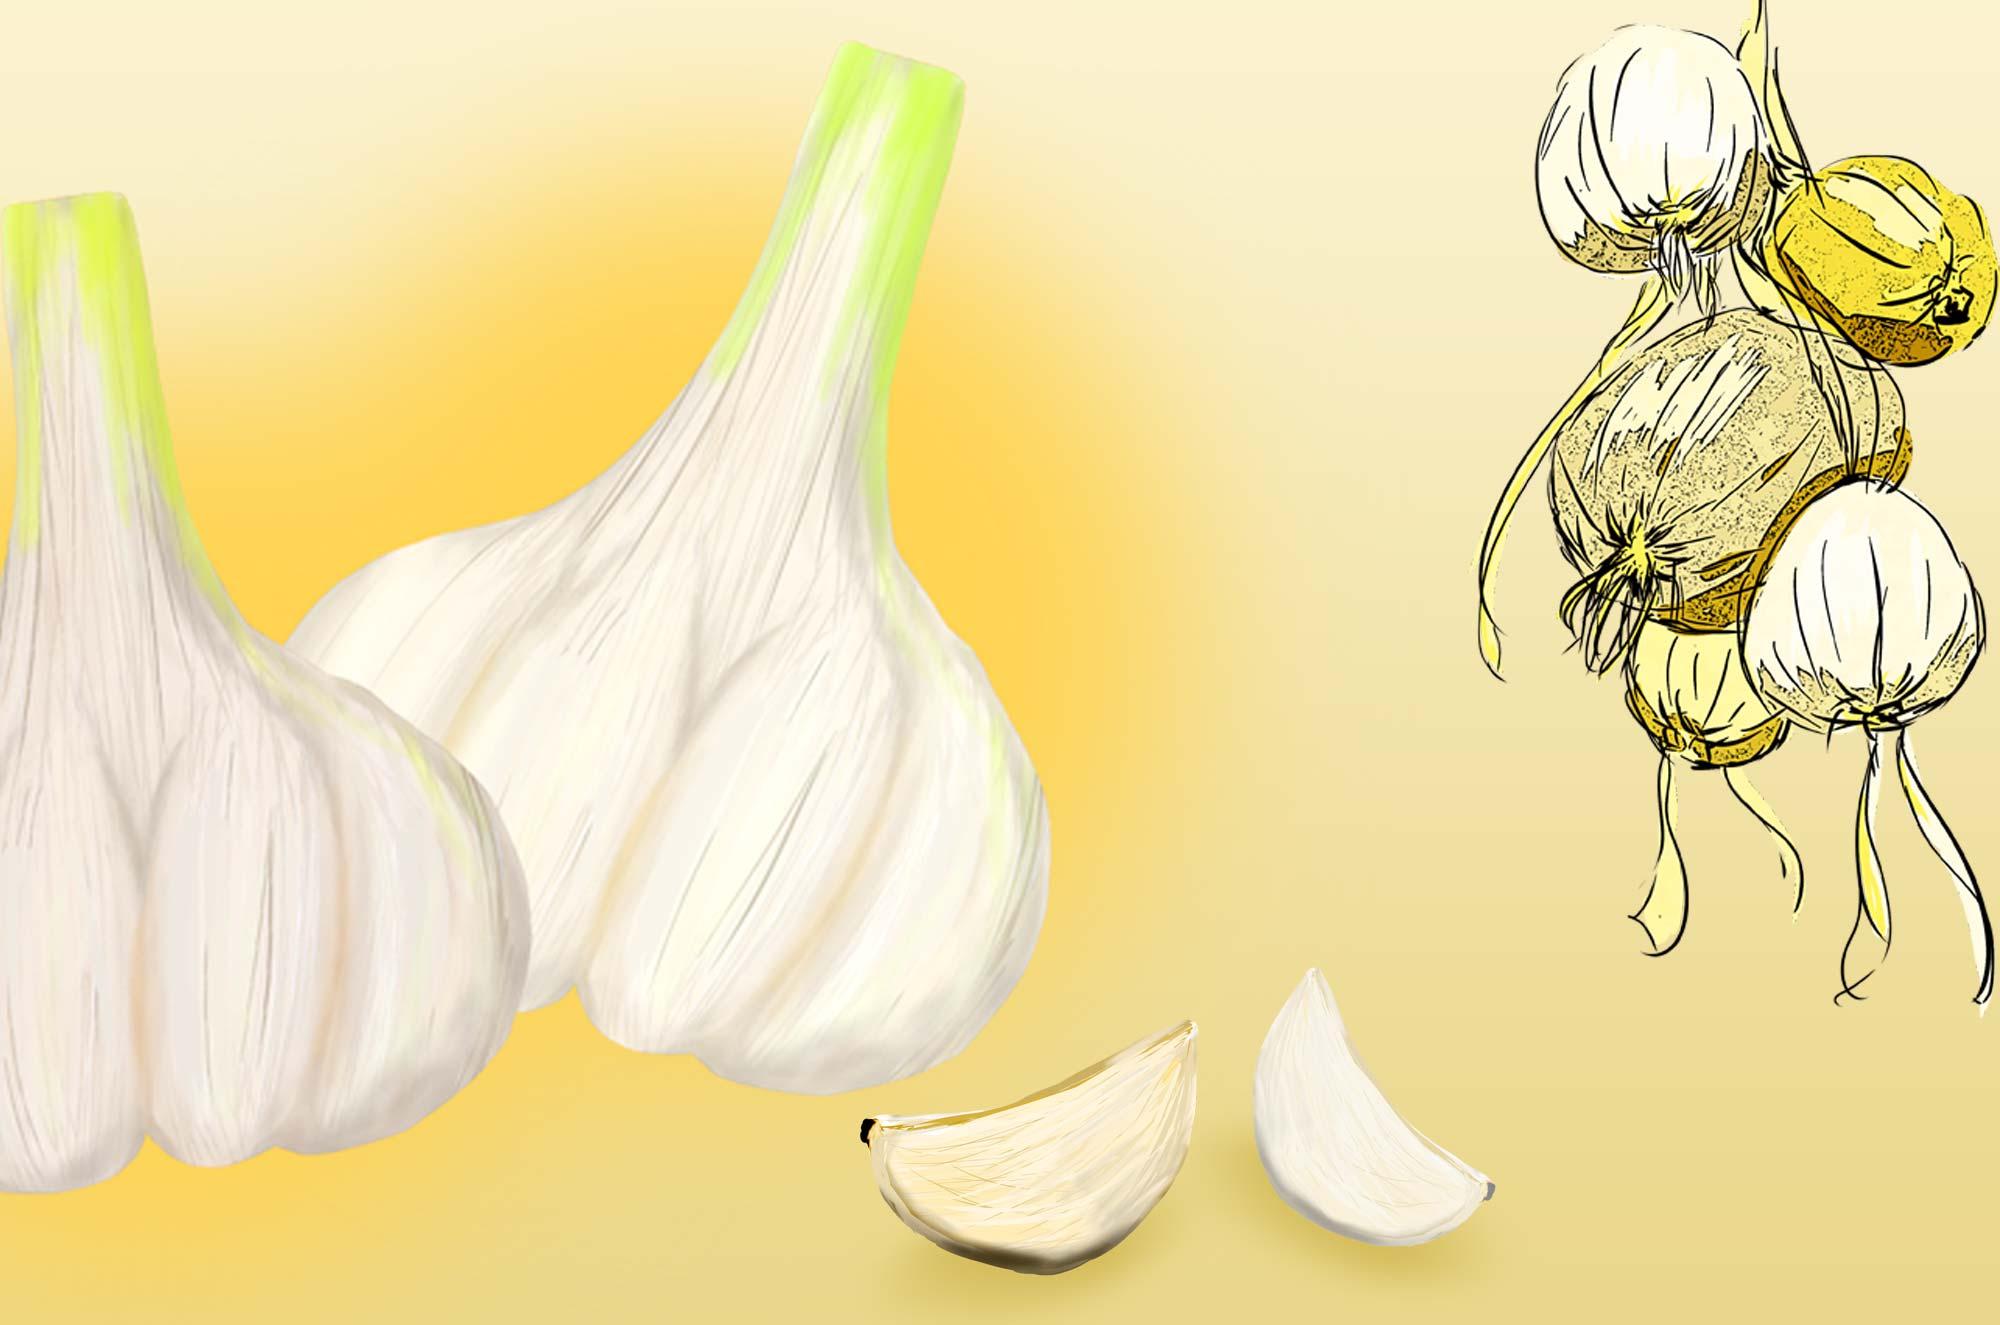 にんにくのイラスト - カットアウト画像アートな野菜素材